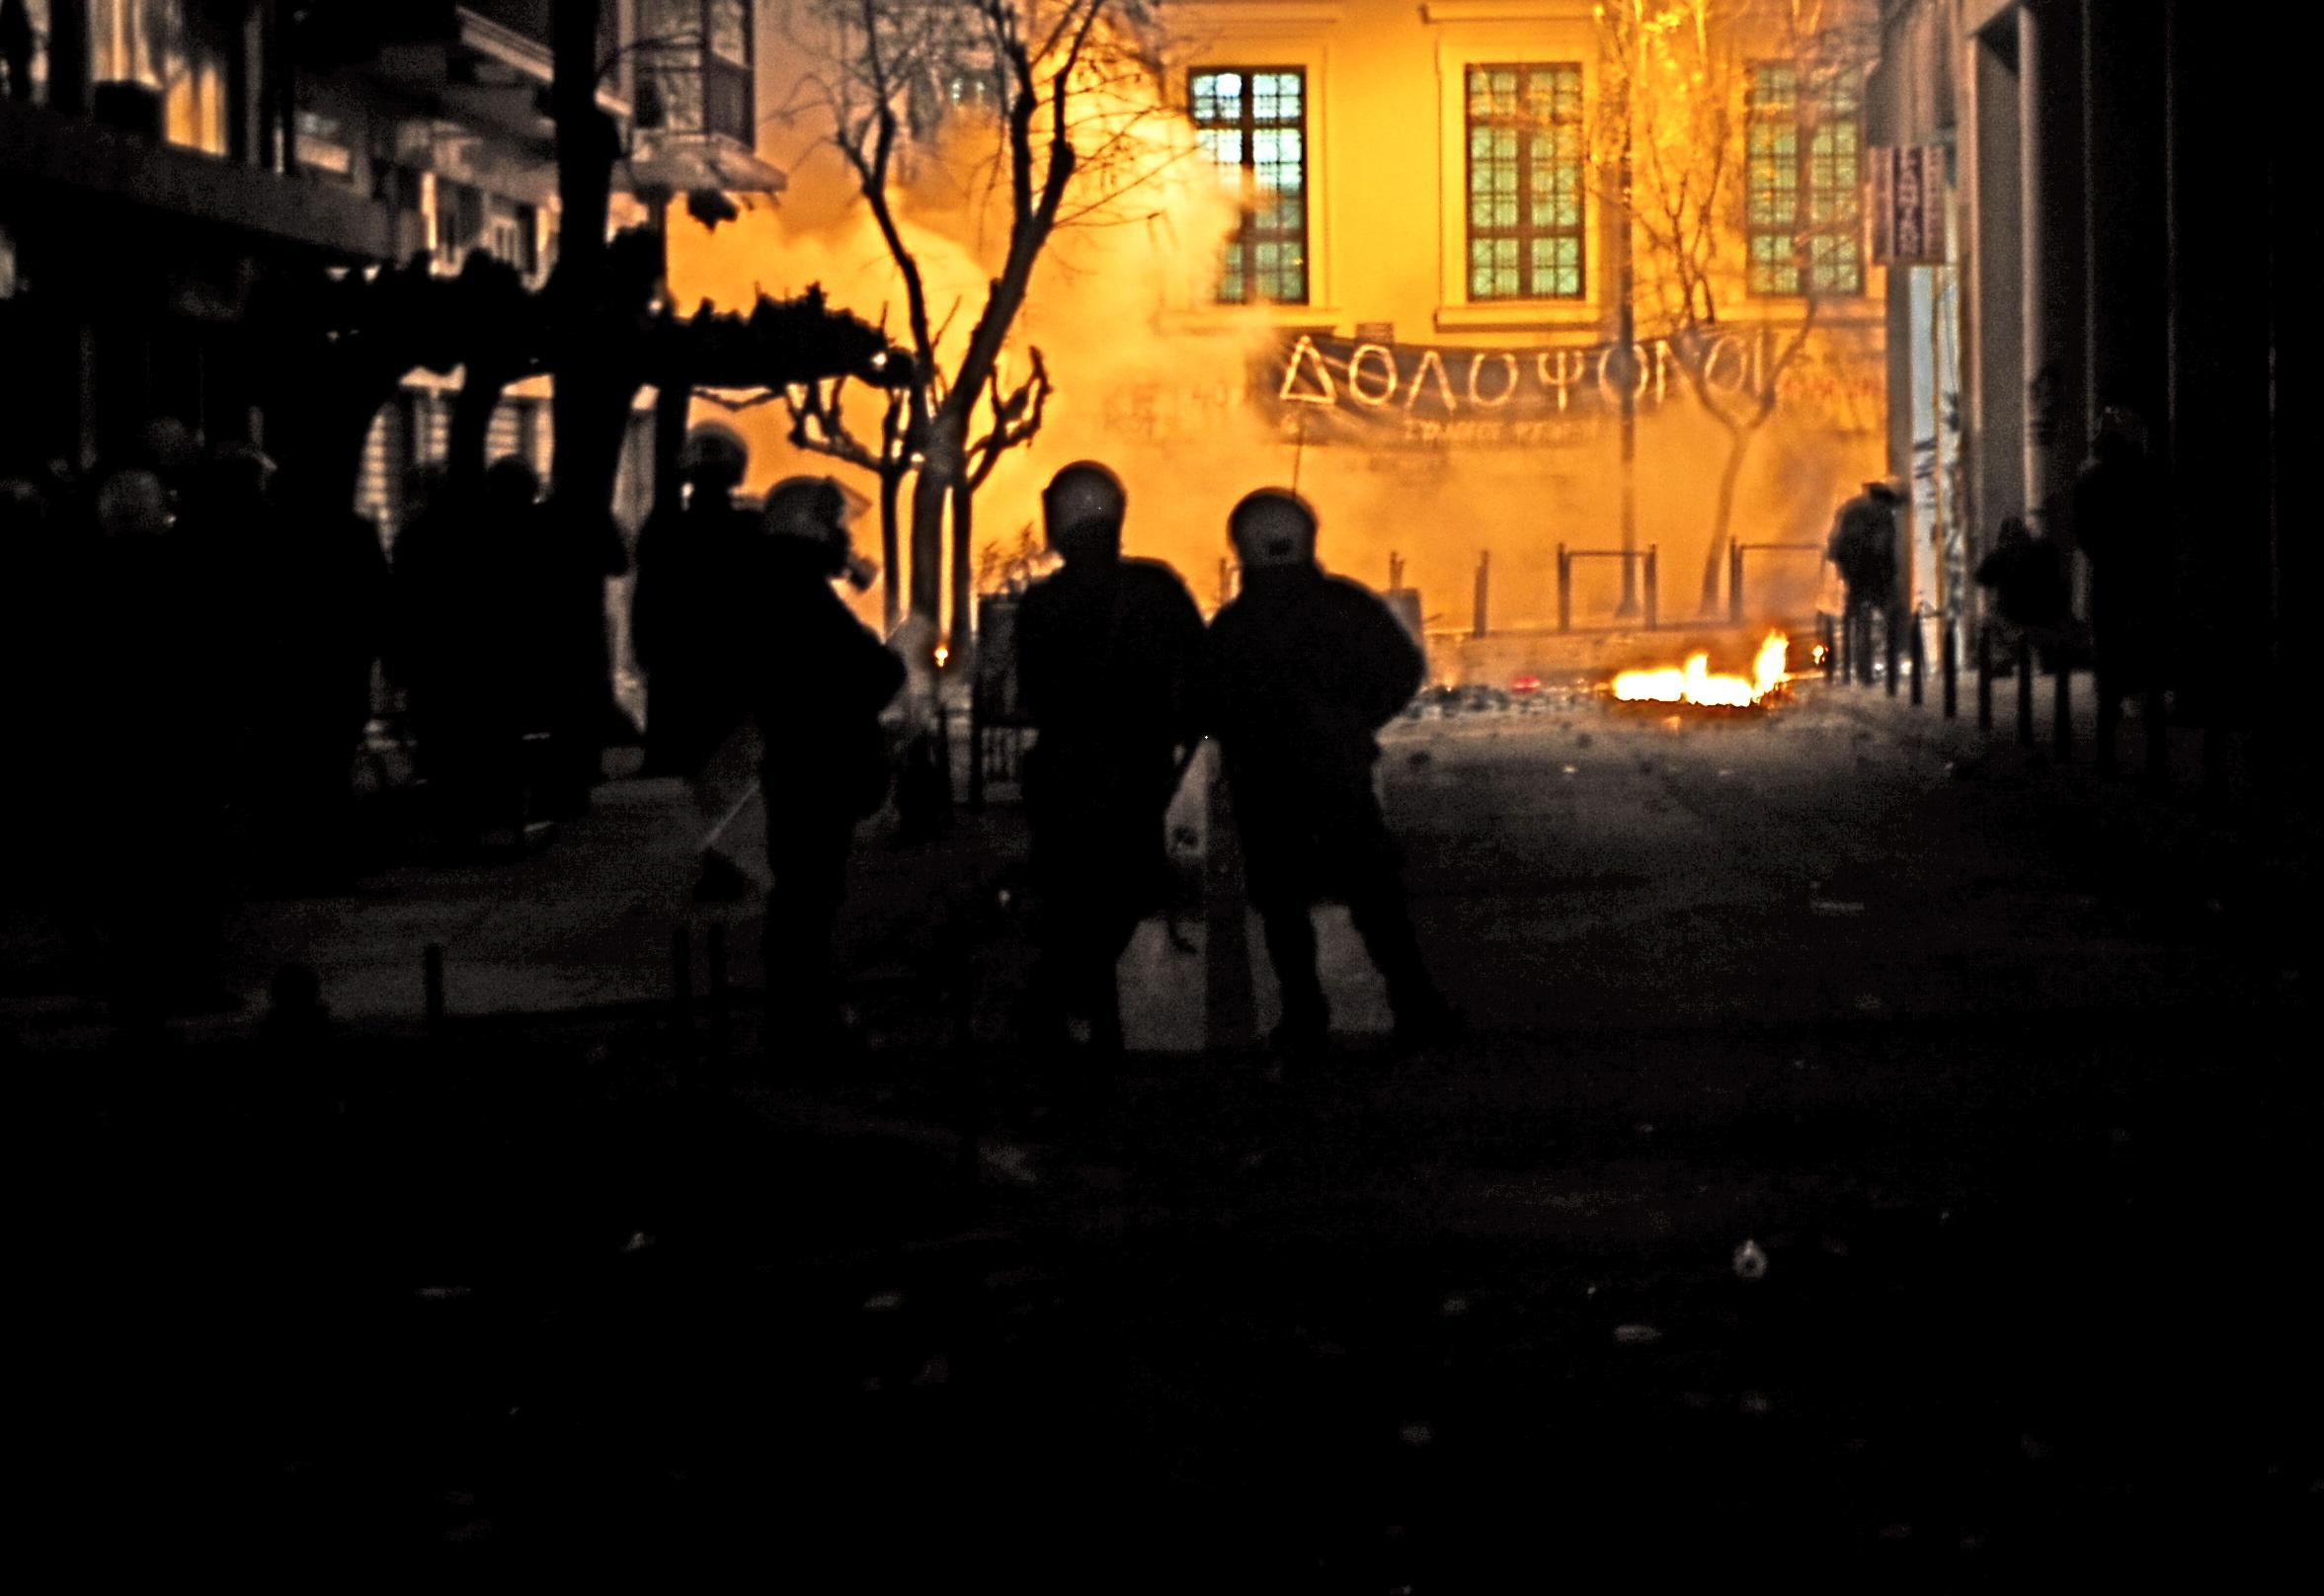 """Foto di Valentina Perniciaro _Sabato 20 dicembre 2008 L'attacco """"chimico"""" al Politecnico di Atene prosegue pesante fino a quasi le 4 di mattina_"""